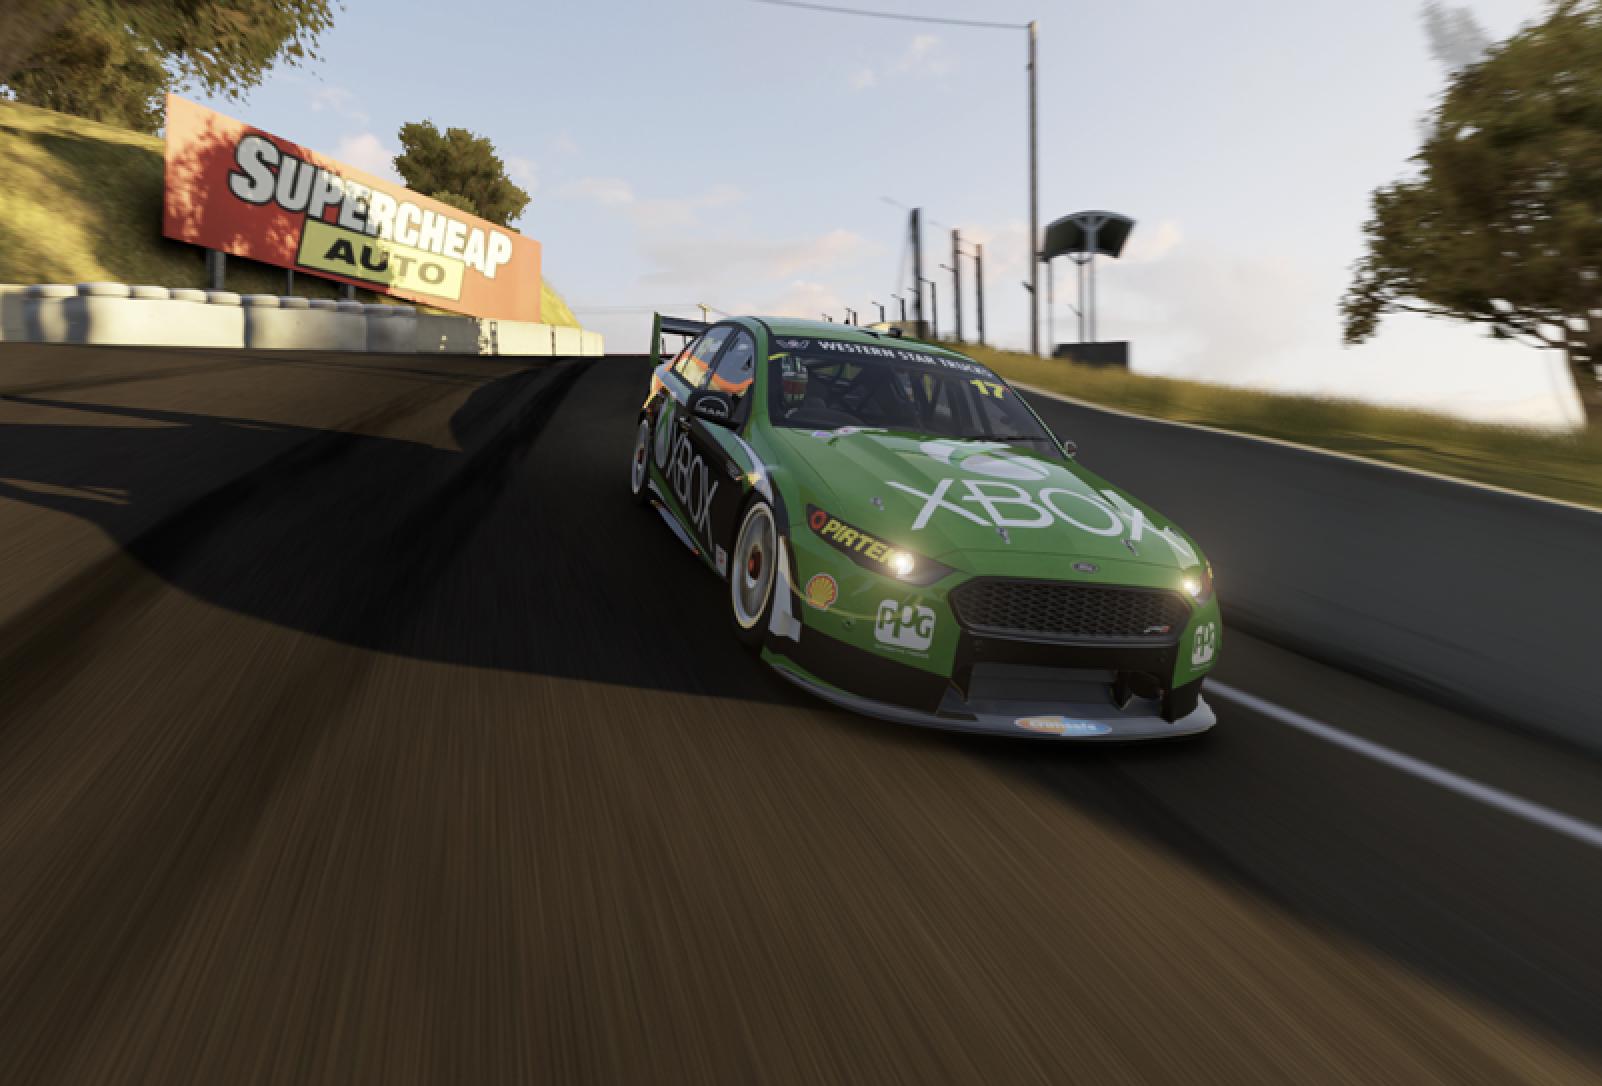 """Австралийские """"Суперкарз"""" запустили собственный виртуальный гоночный чемпионат"""